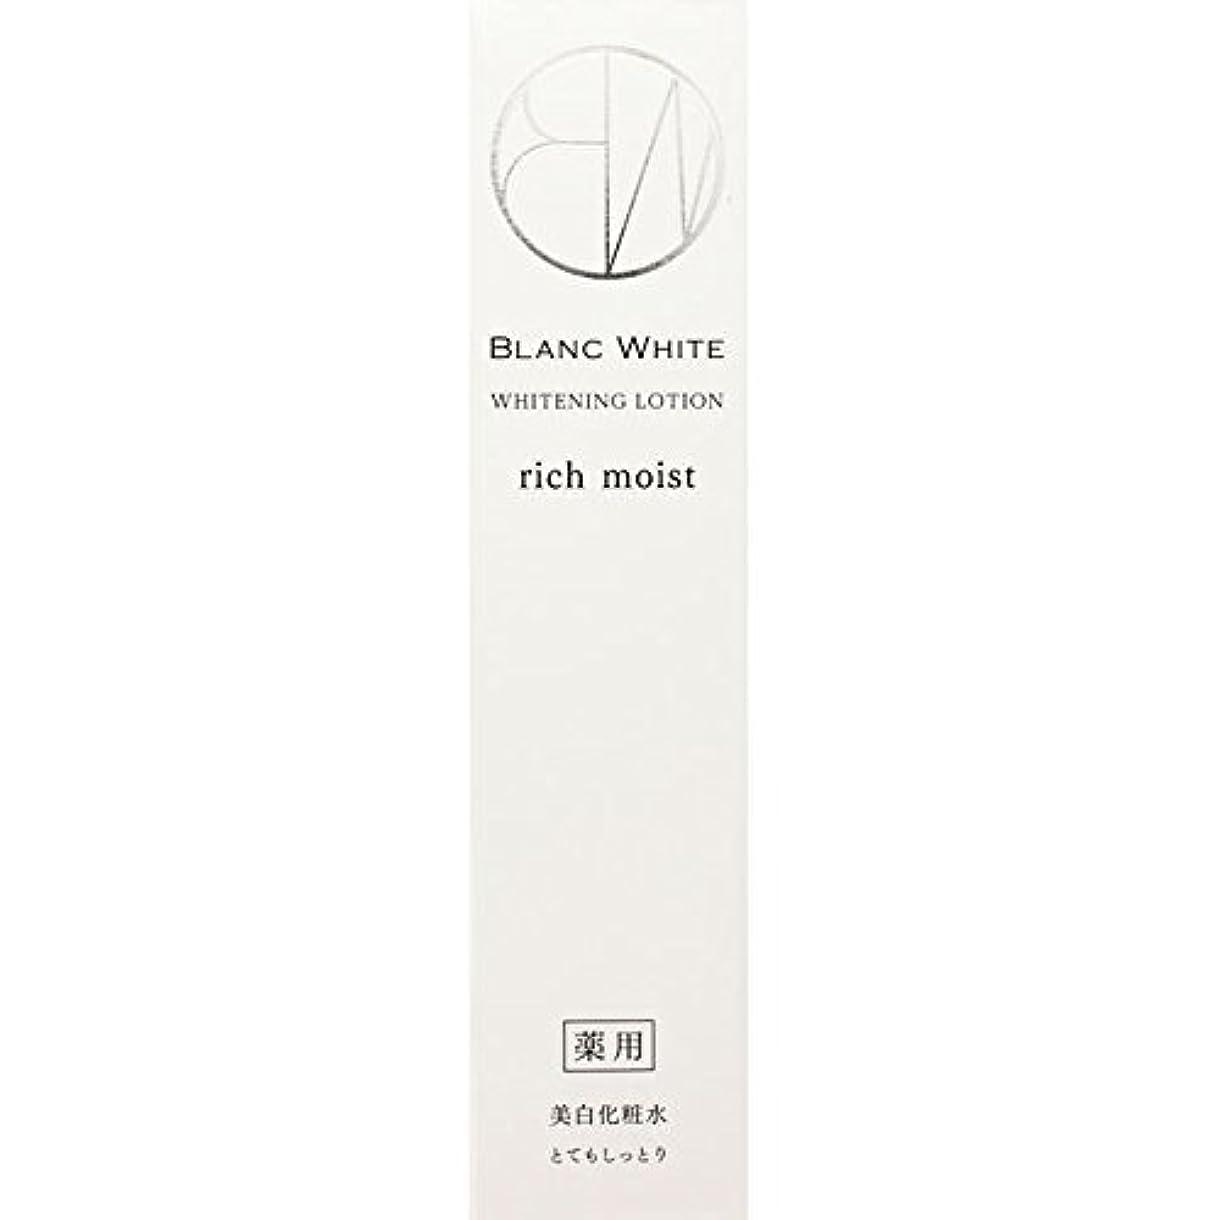 ナリス化粧品 ブランホワイト ホワイトニングローション リッチモイスト 160ml (医薬部外品)